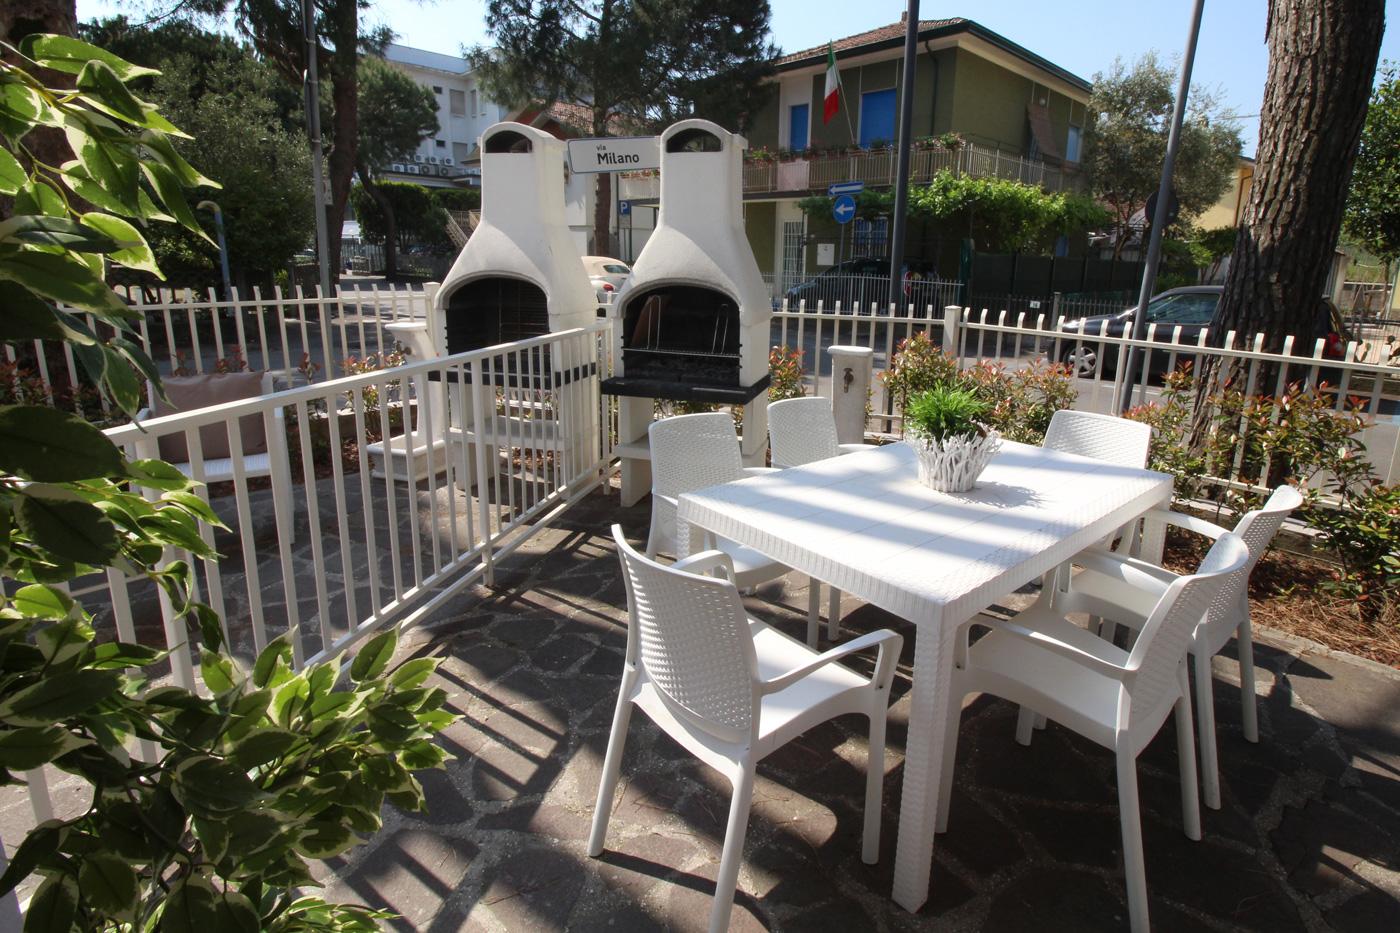 Appartamento samantha_Romagna case vacanze_IMG_7308